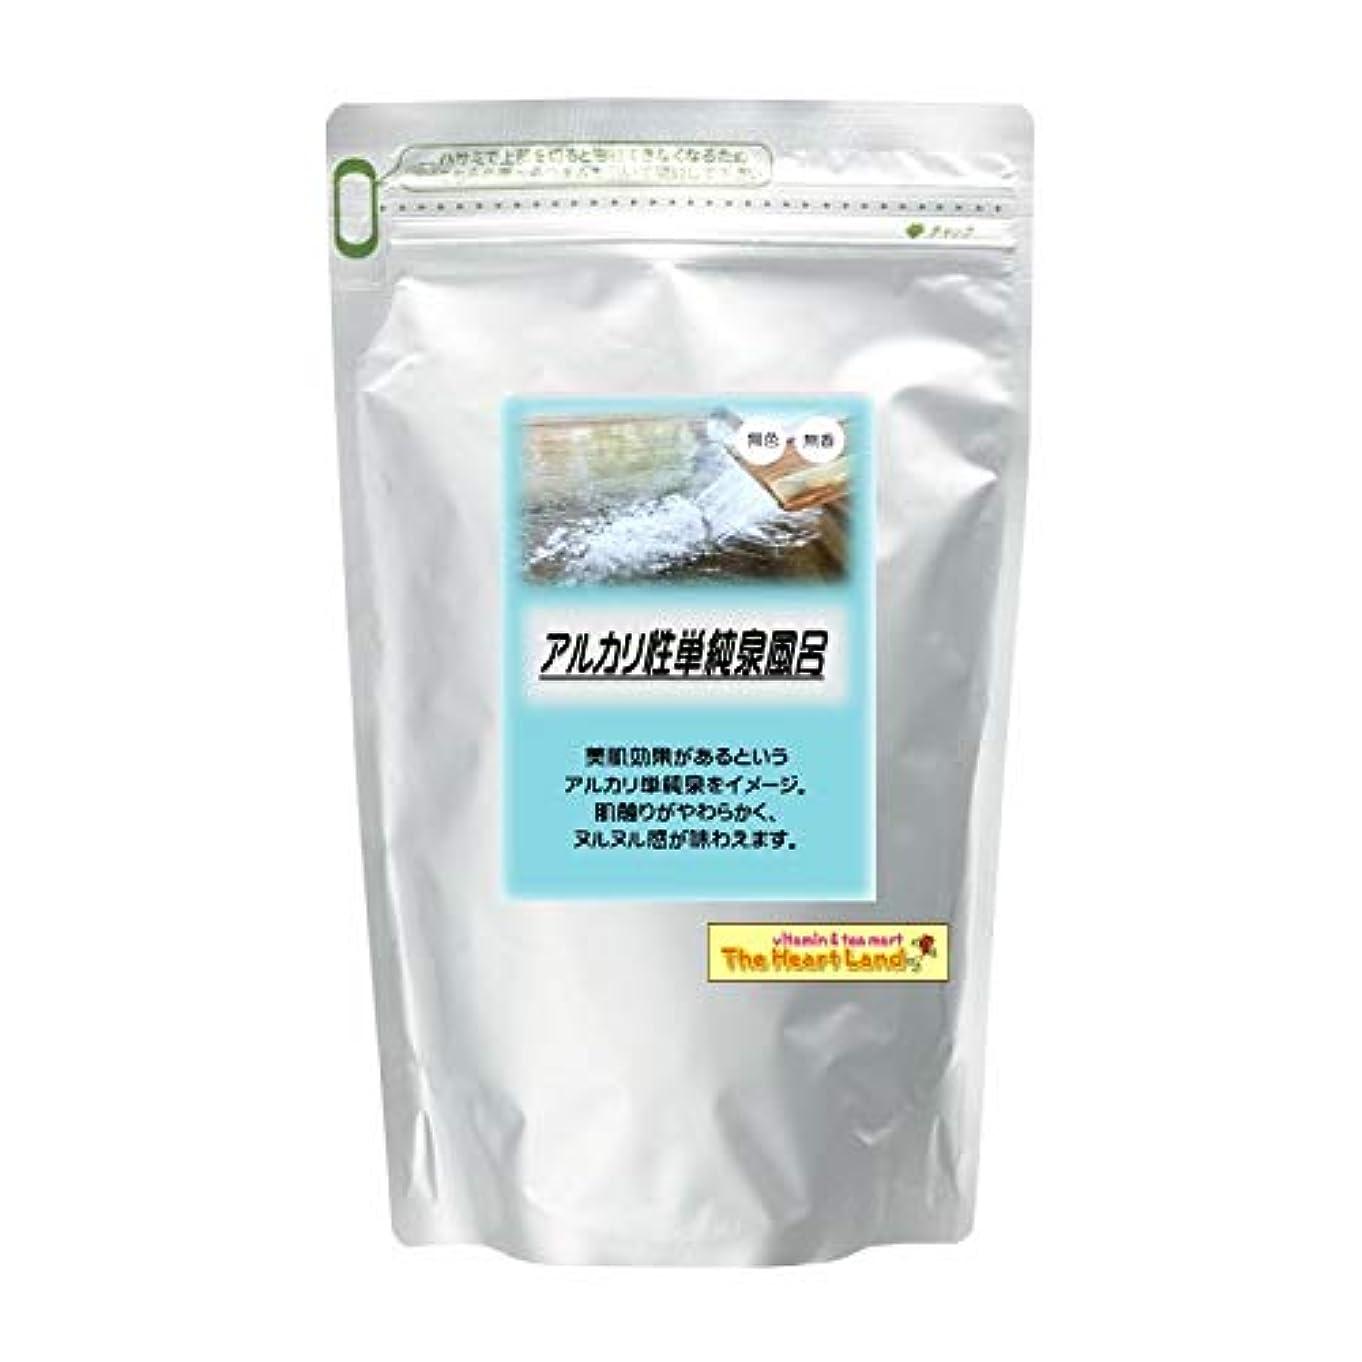 仲良し恥センサーアサヒ入浴剤 浴用入浴化粧品 アルカリ性単純泉風呂 2.5kg